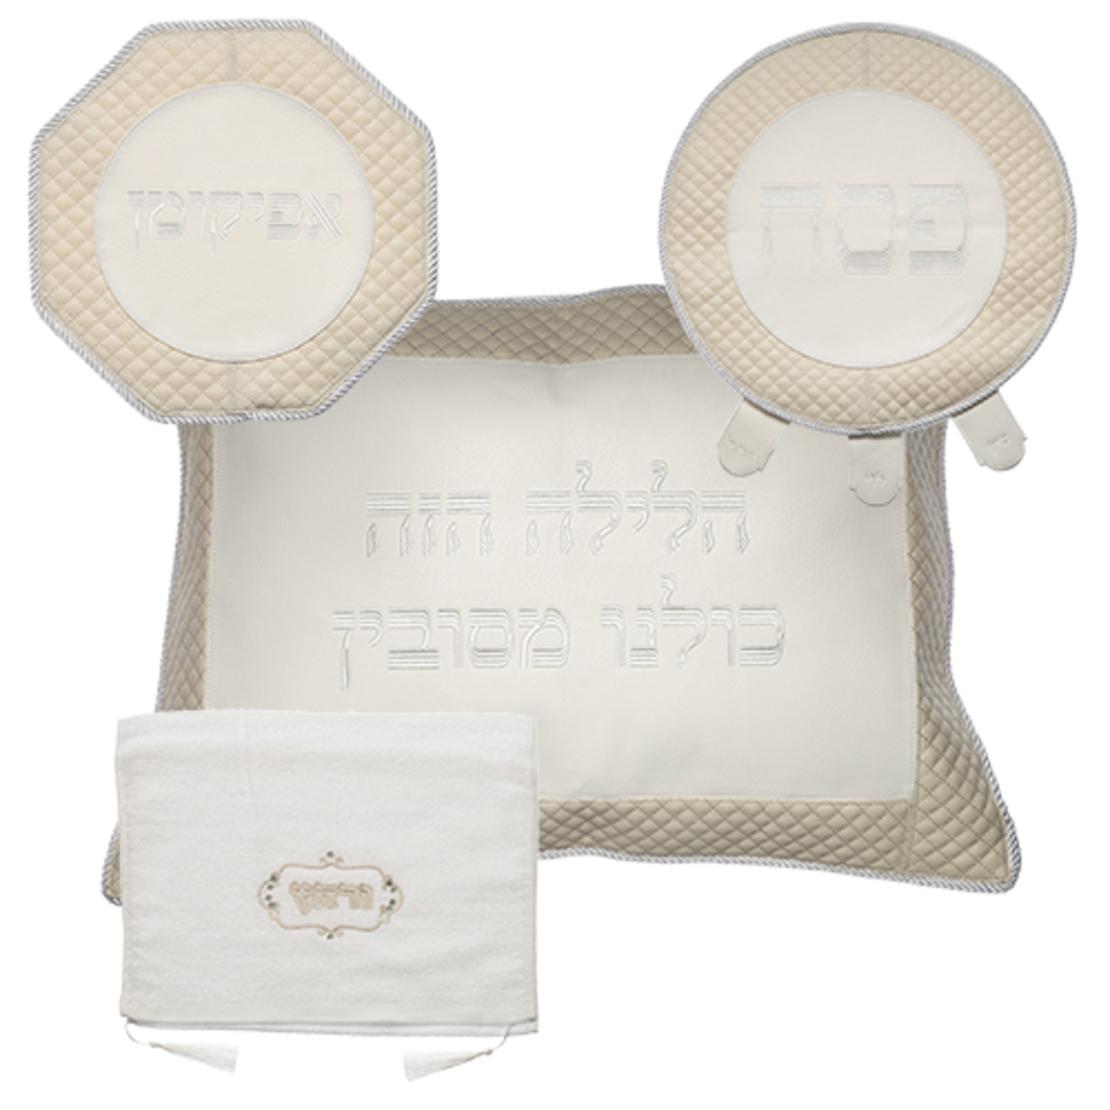 סט פסח מהודר דמוי עור 4 חלקים, מכיל כיסוי פסח, כיסוי אפיקומן כרית הסבה ומגבת